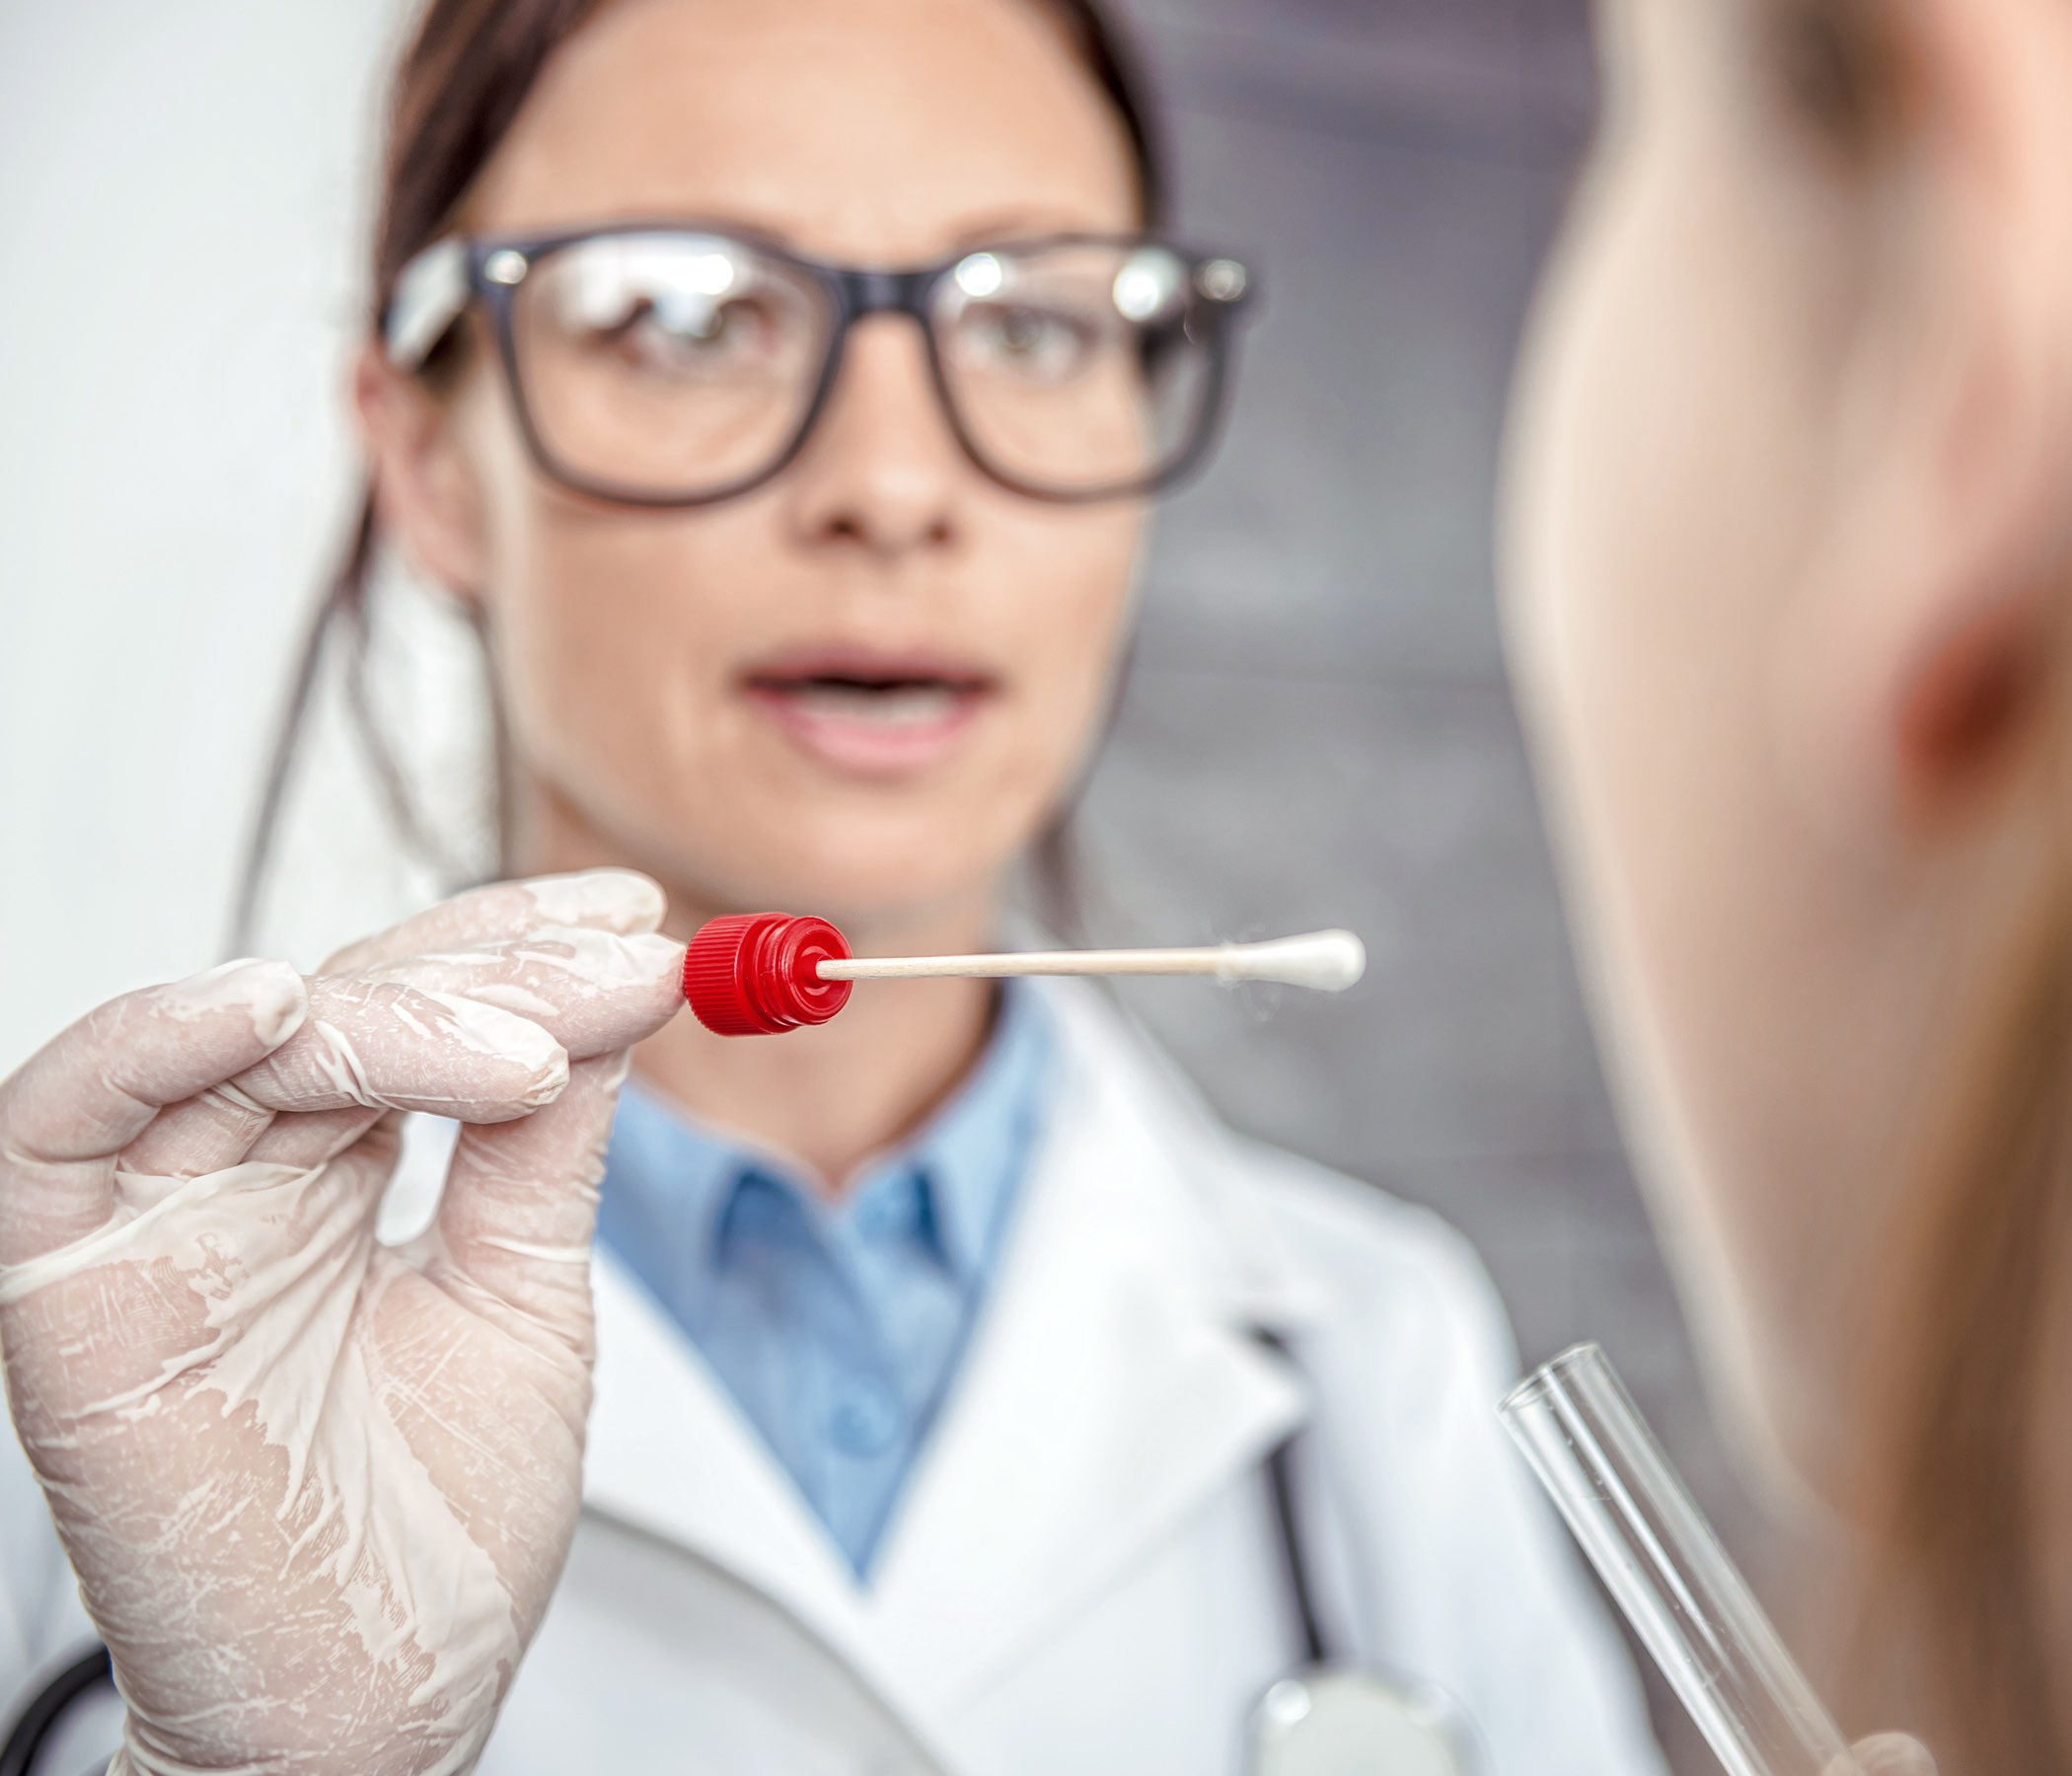 Pediatra femenino que usa una esponja para tomar una muestra de la garganta de un paciente